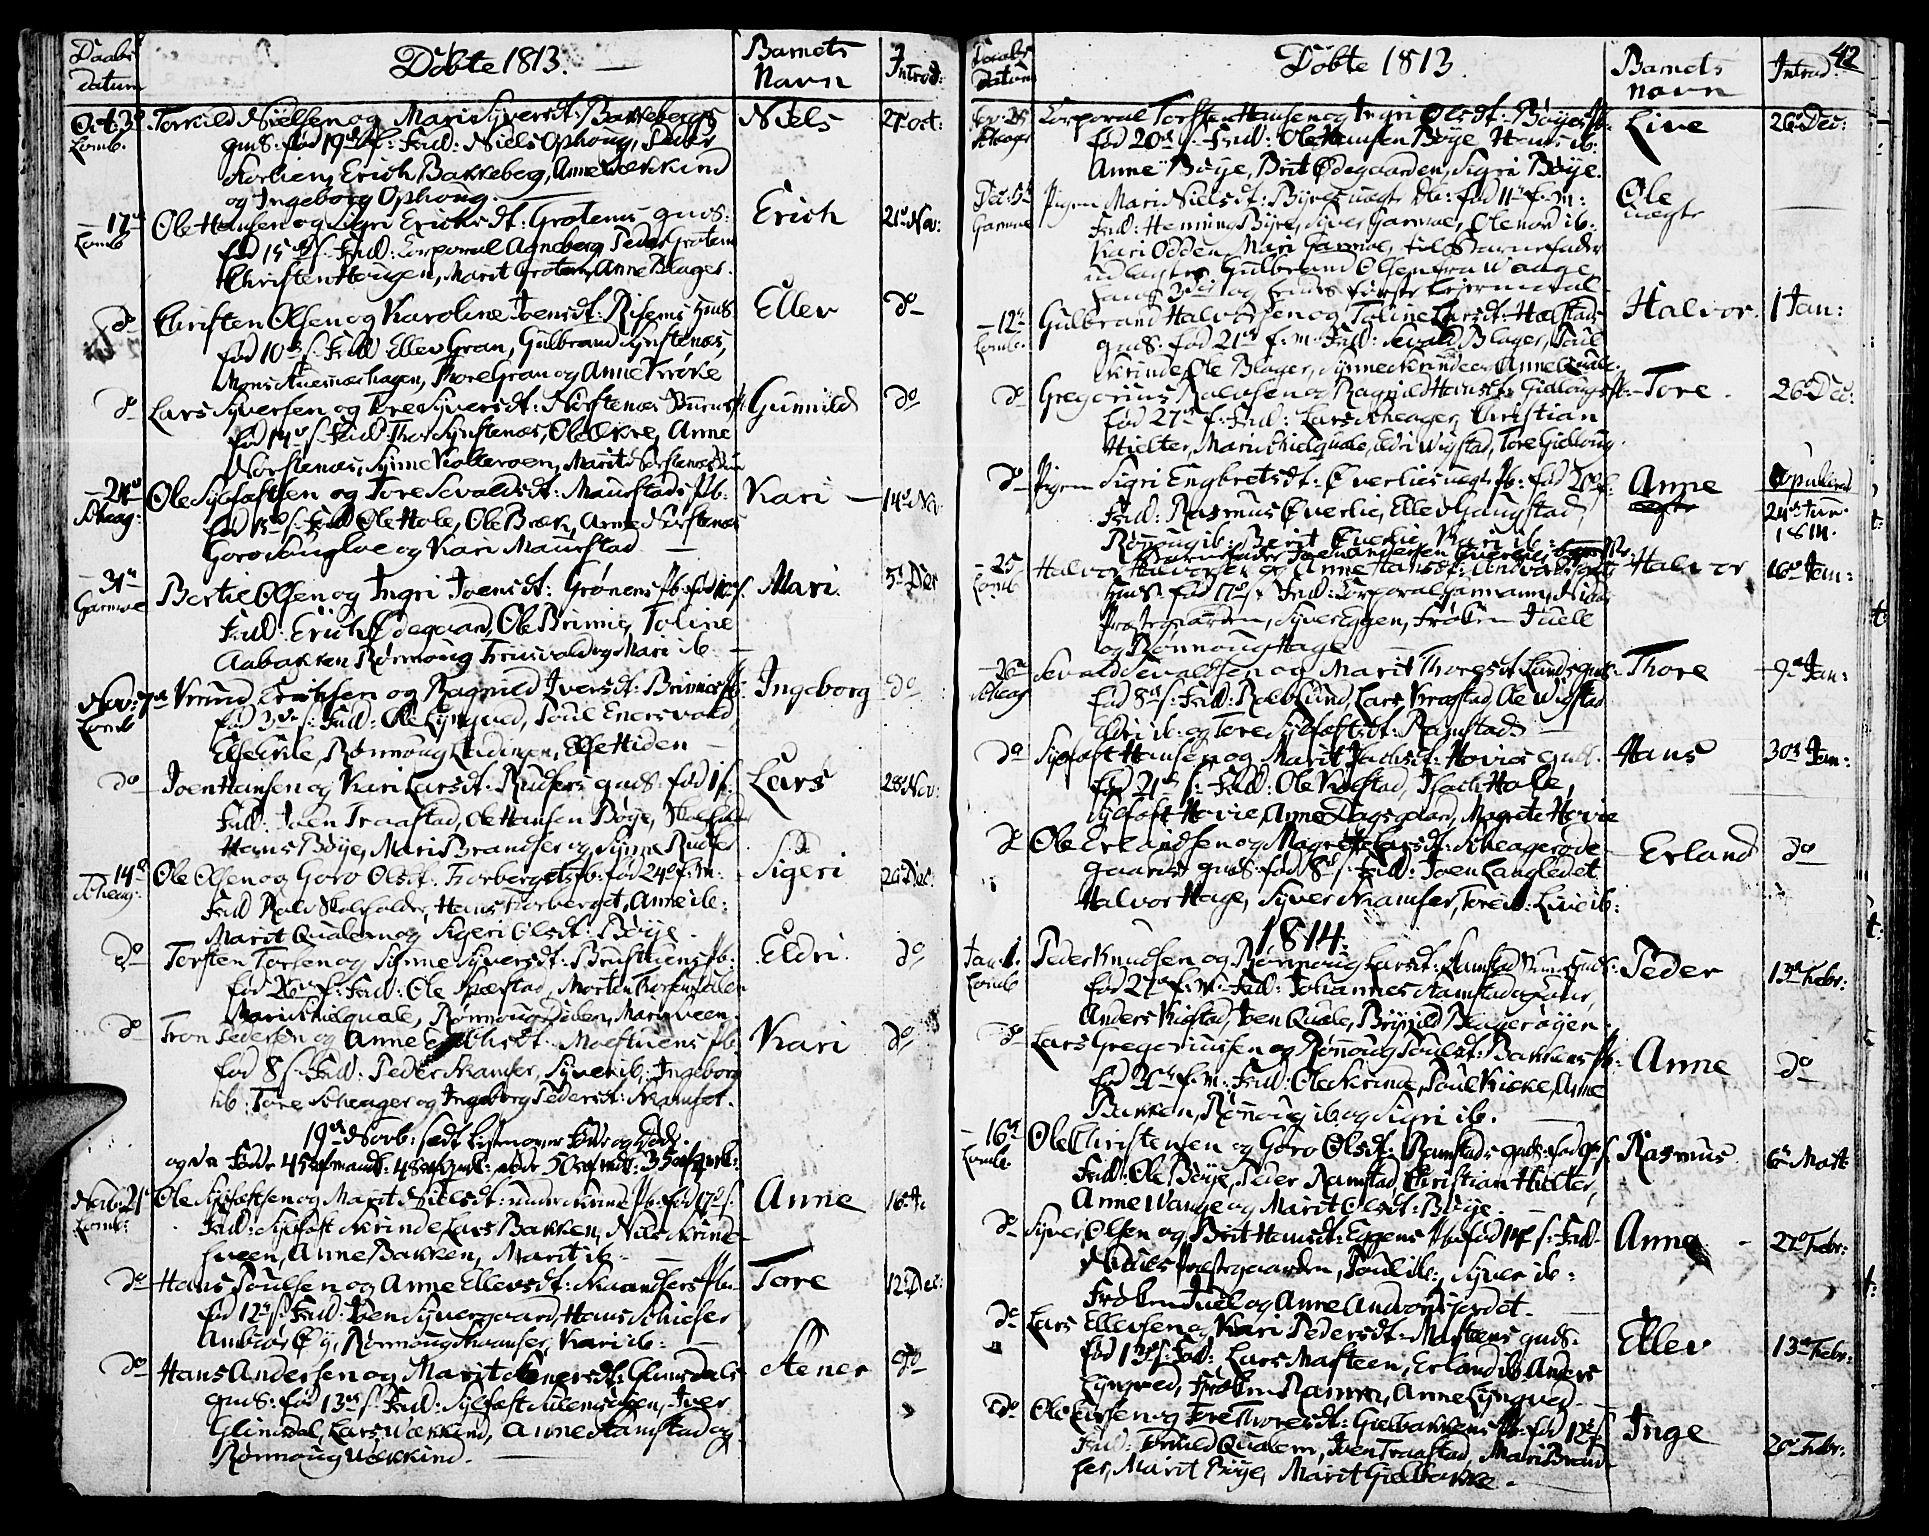 SAH, Lom prestekontor, K/L0003: Ministerialbok nr. 3, 1801-1825, s. 42